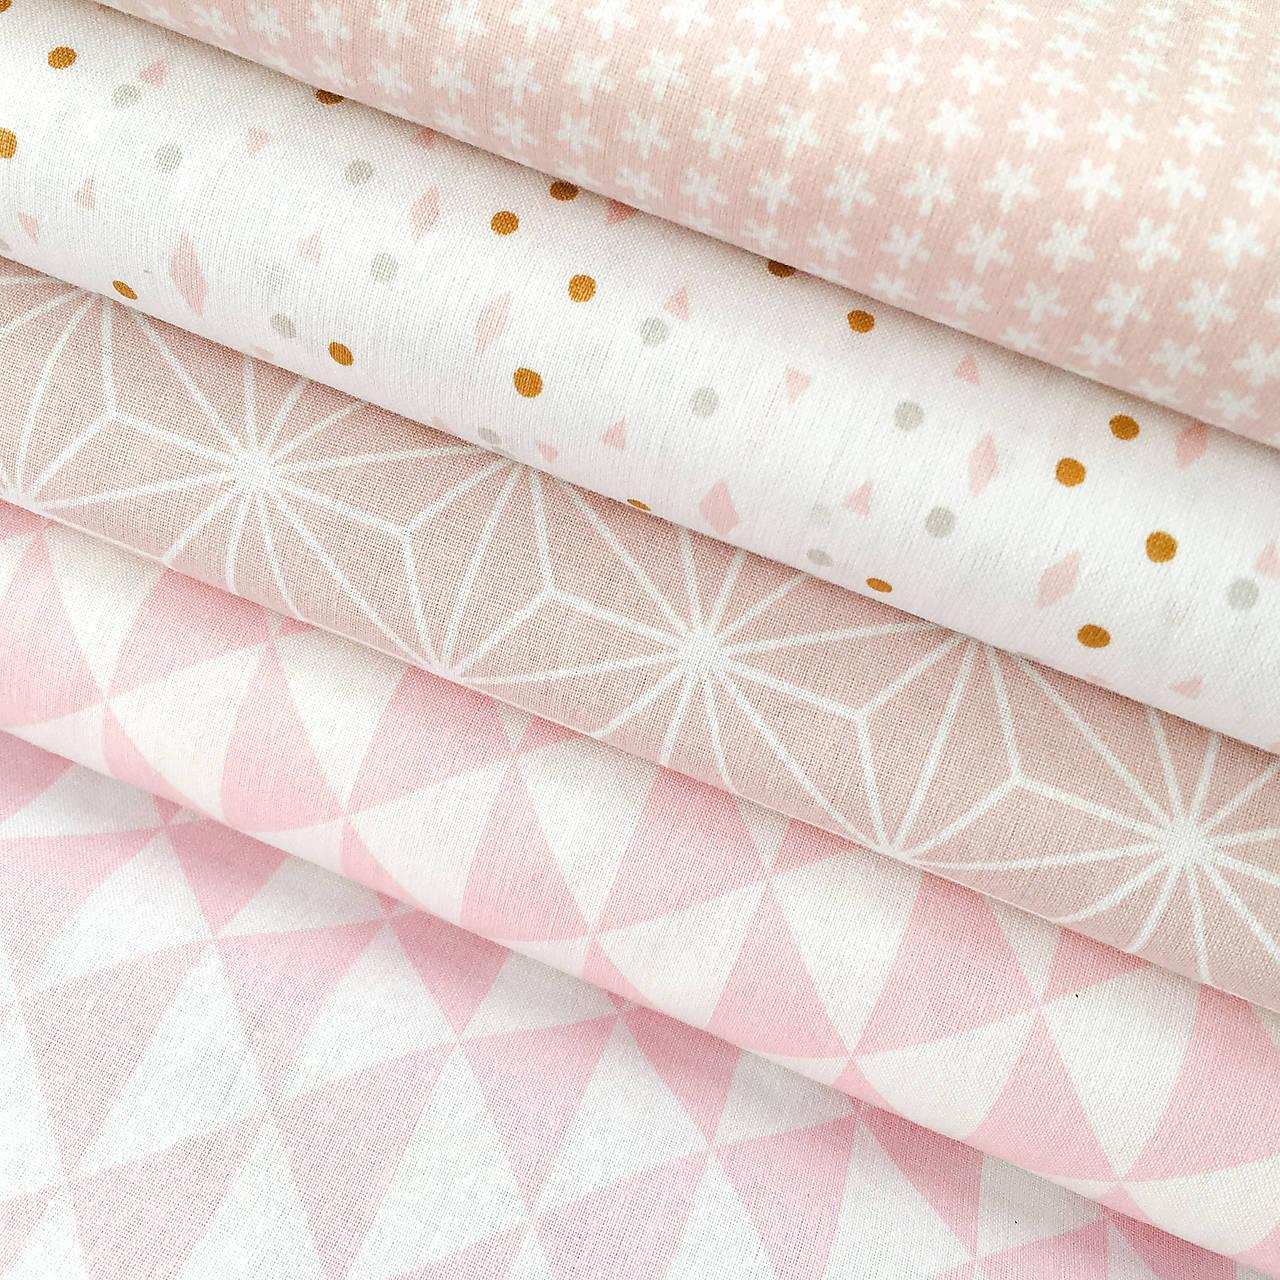 pastelové minitvary; 100 % bavlna Francúzsko, šírka 160 cm, cena za 0,5 m